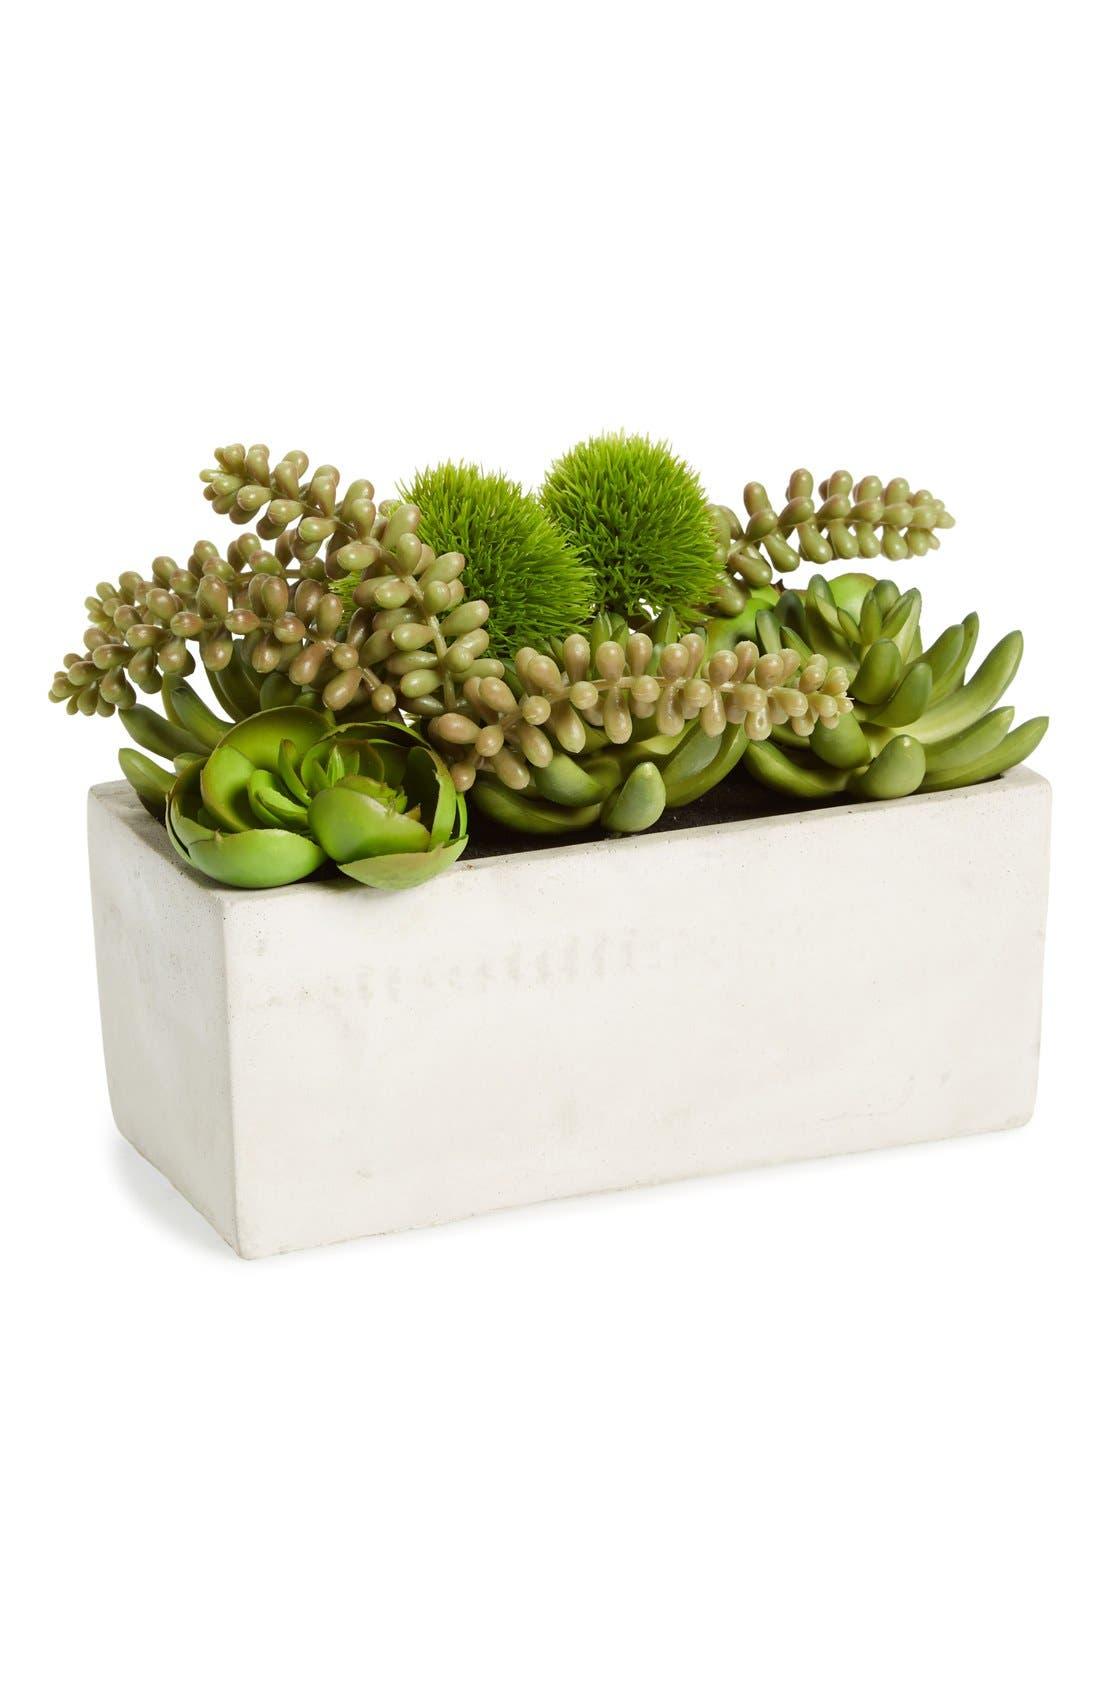 Main Image - Sage & Co. Faux Succulent Garden in Cement Pot